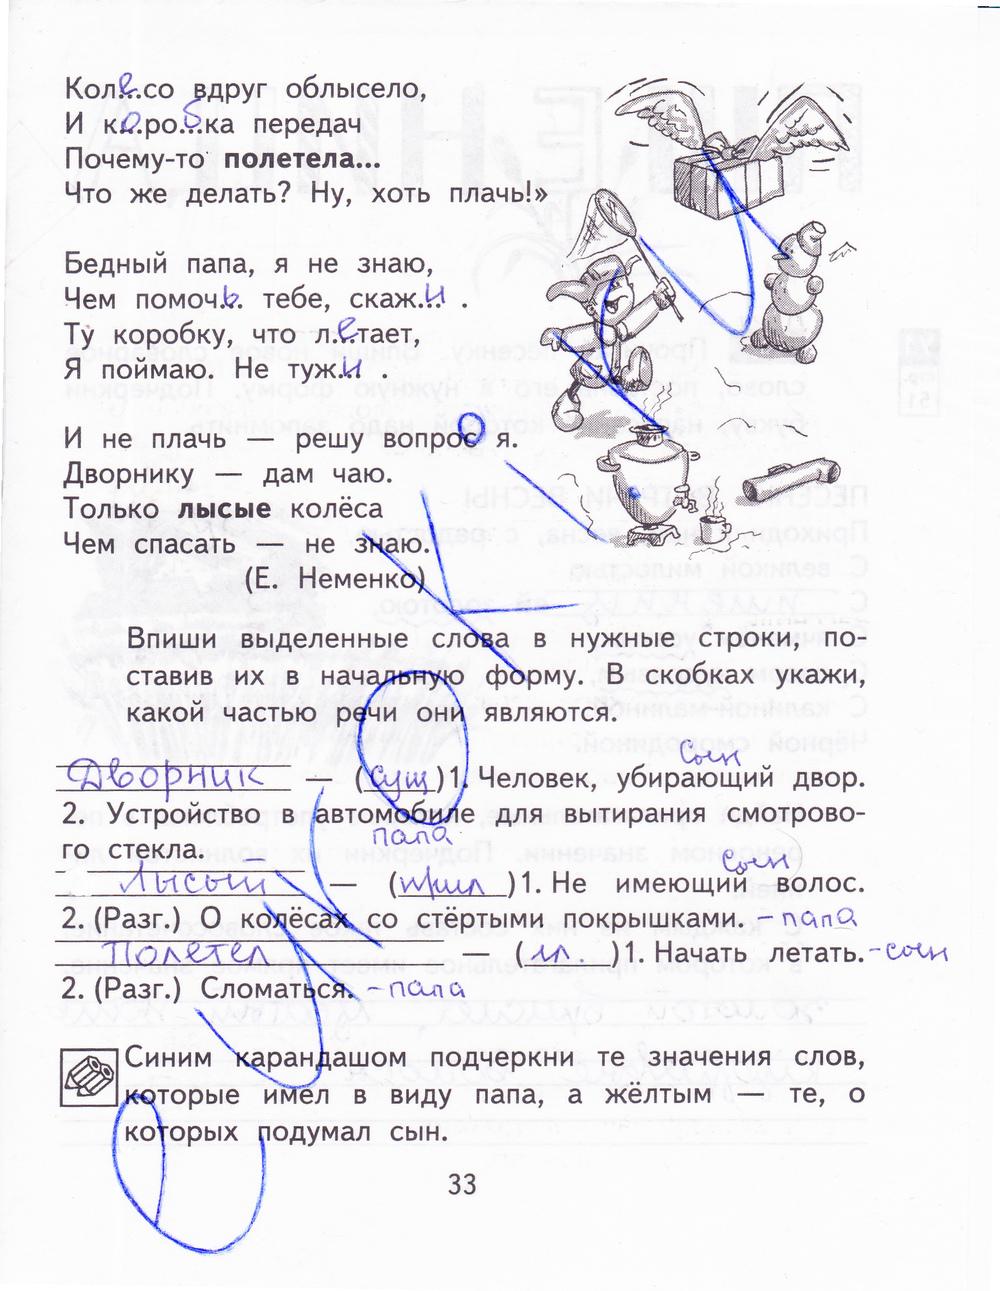 Решебник русского для самостоятельной работы т.а байкова тетрадь 2 класс